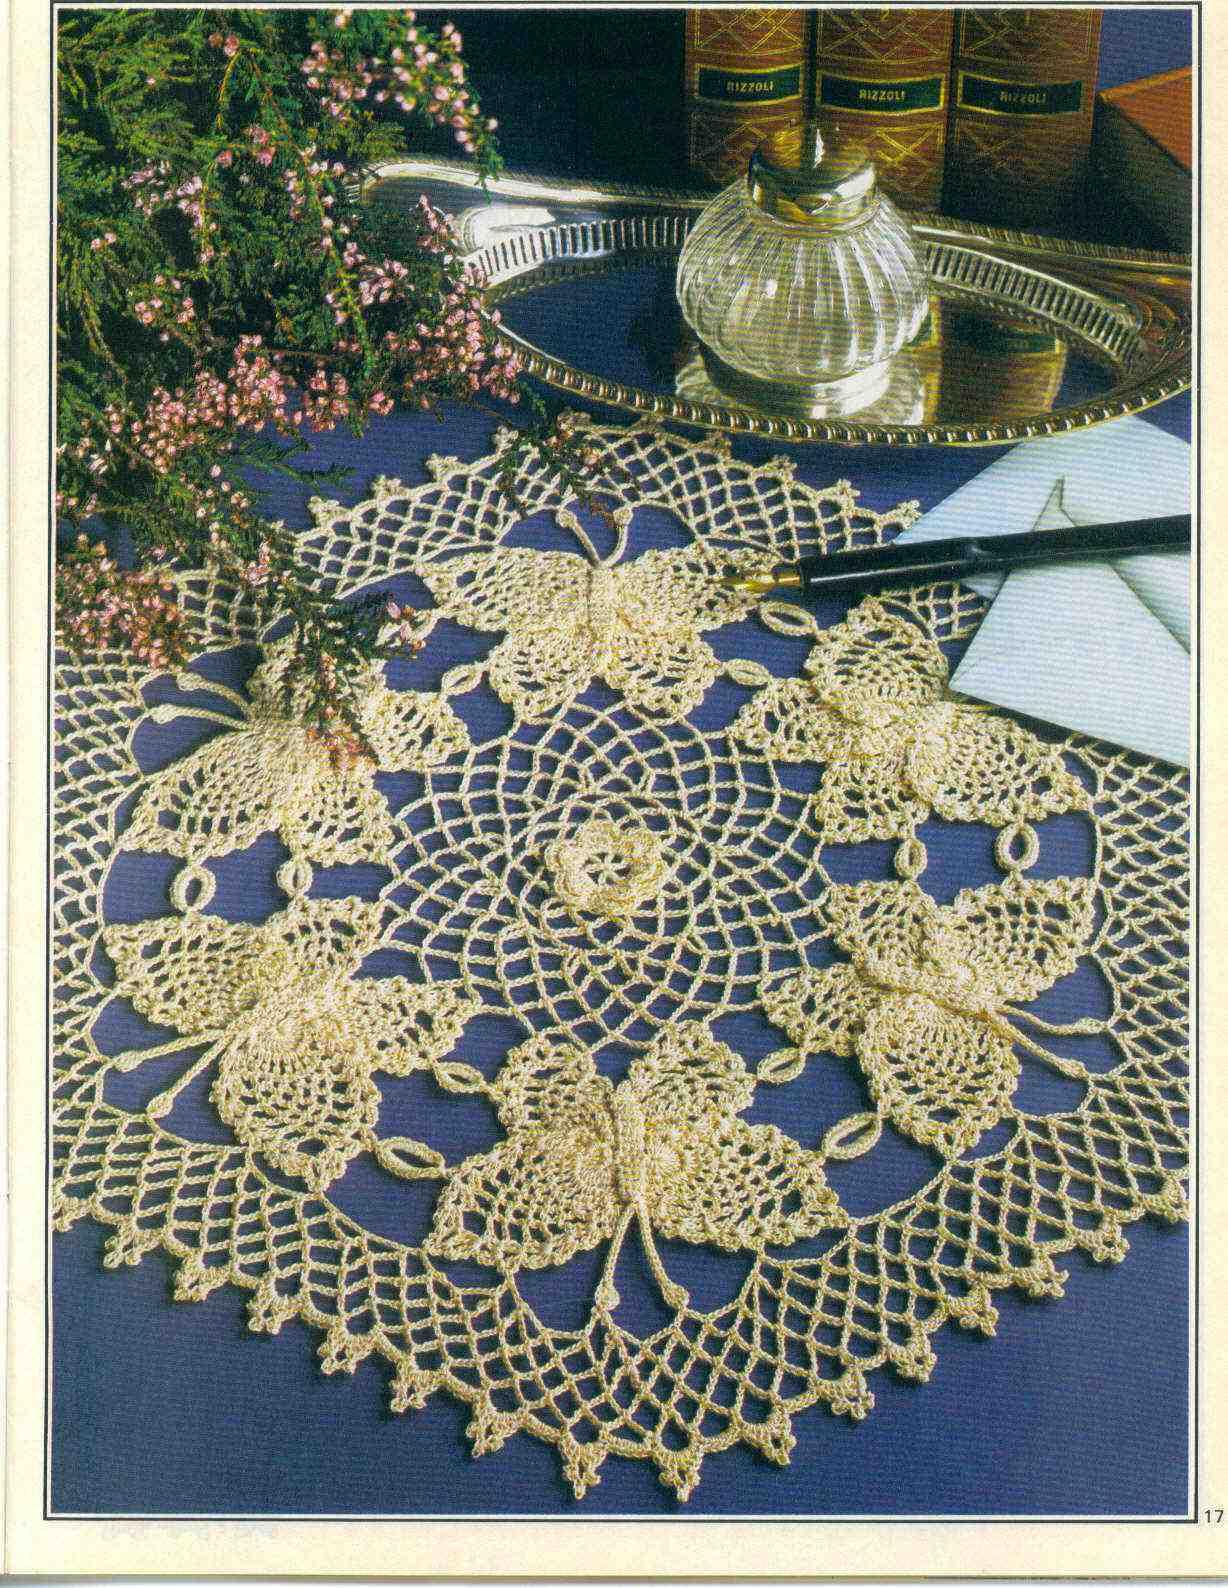 FREE PATTERN OVAL CROCHET DOILY - Easy Crochet Patterns